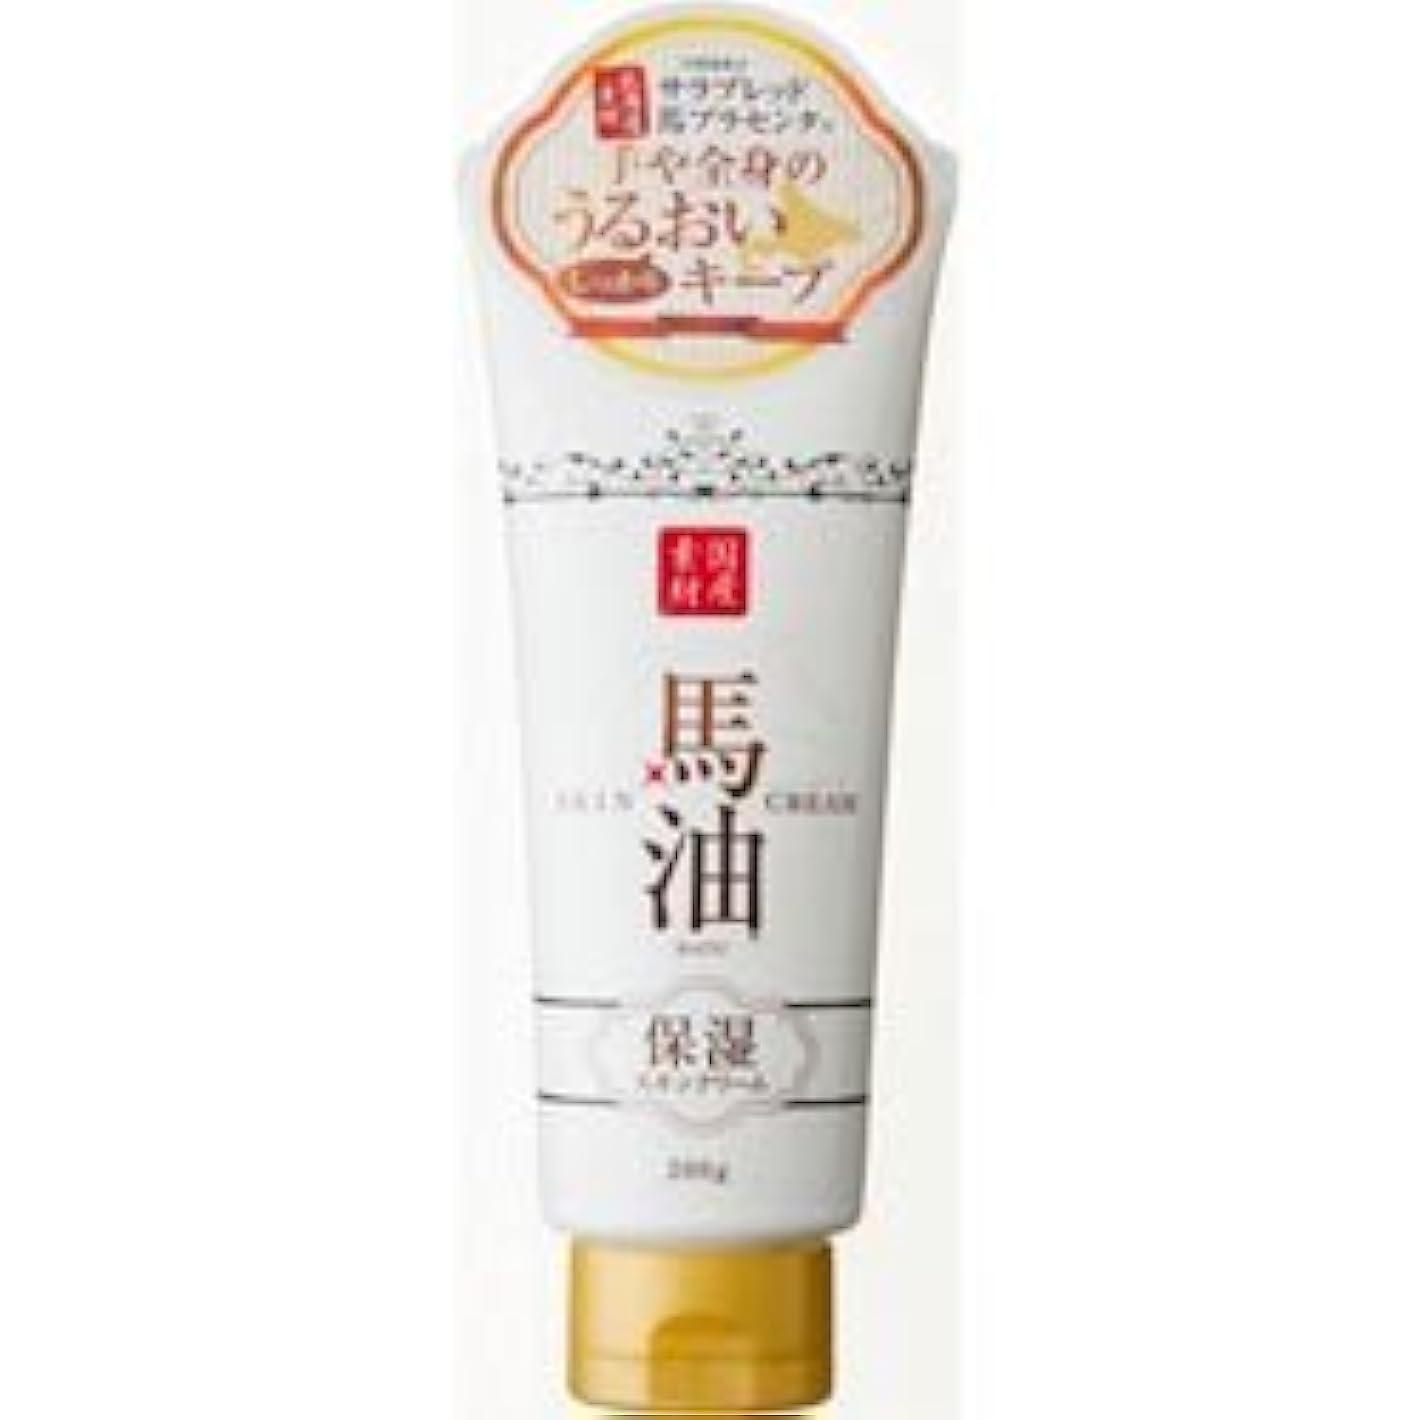 買うケージリテラシー【アイスタイル】リシャン 馬油保湿スキンクリーム さくらの香り 200g ×20個セット